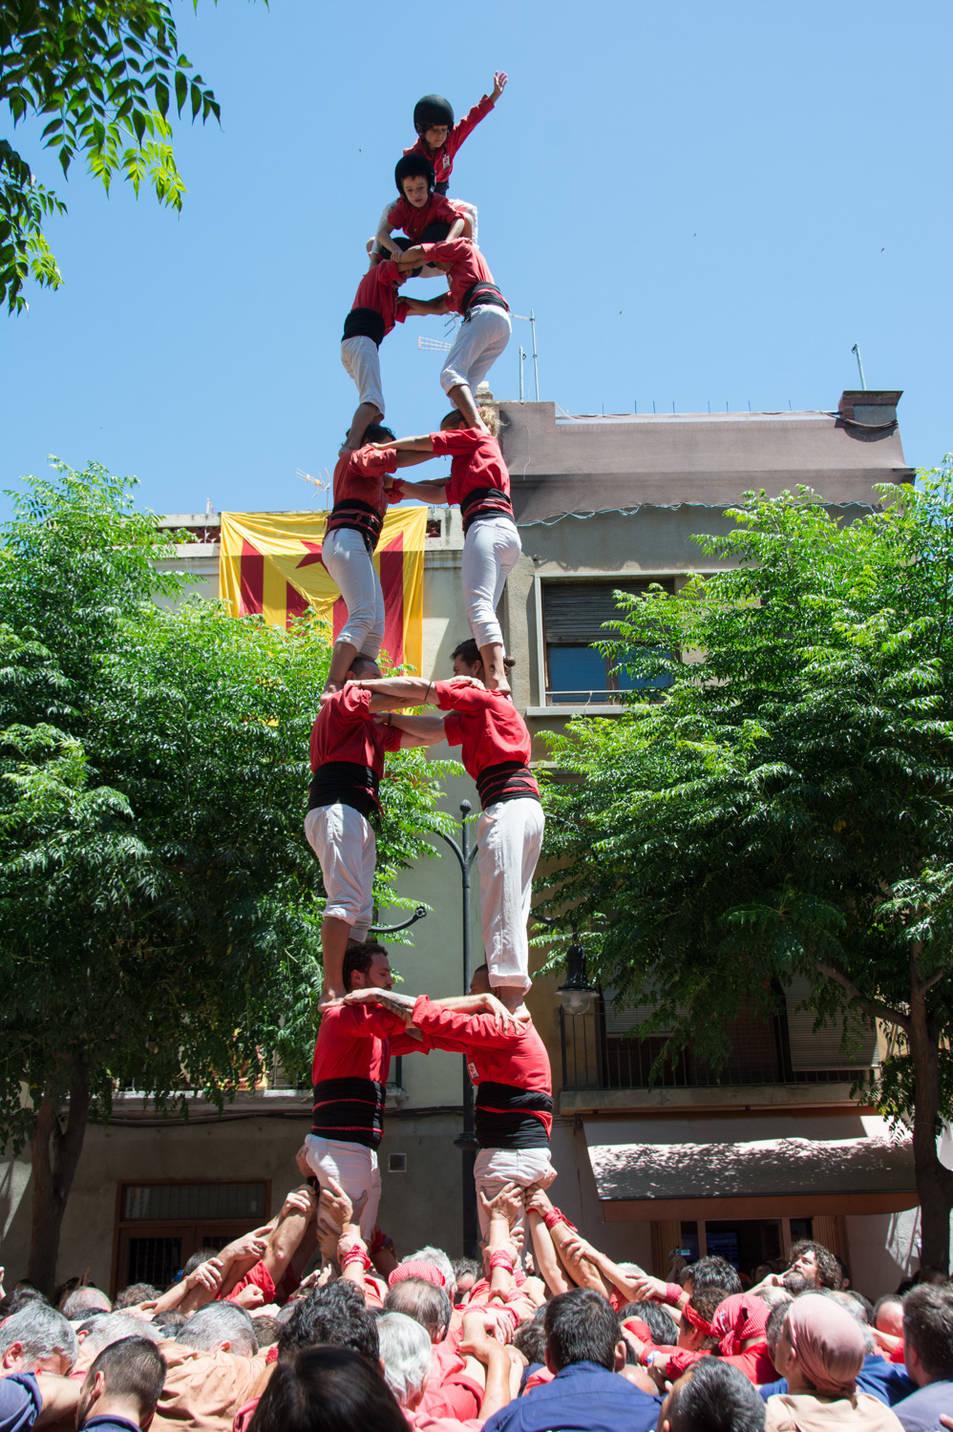 2de7 dels Castellers de Barcelona a la diada de la Verge del Carme.